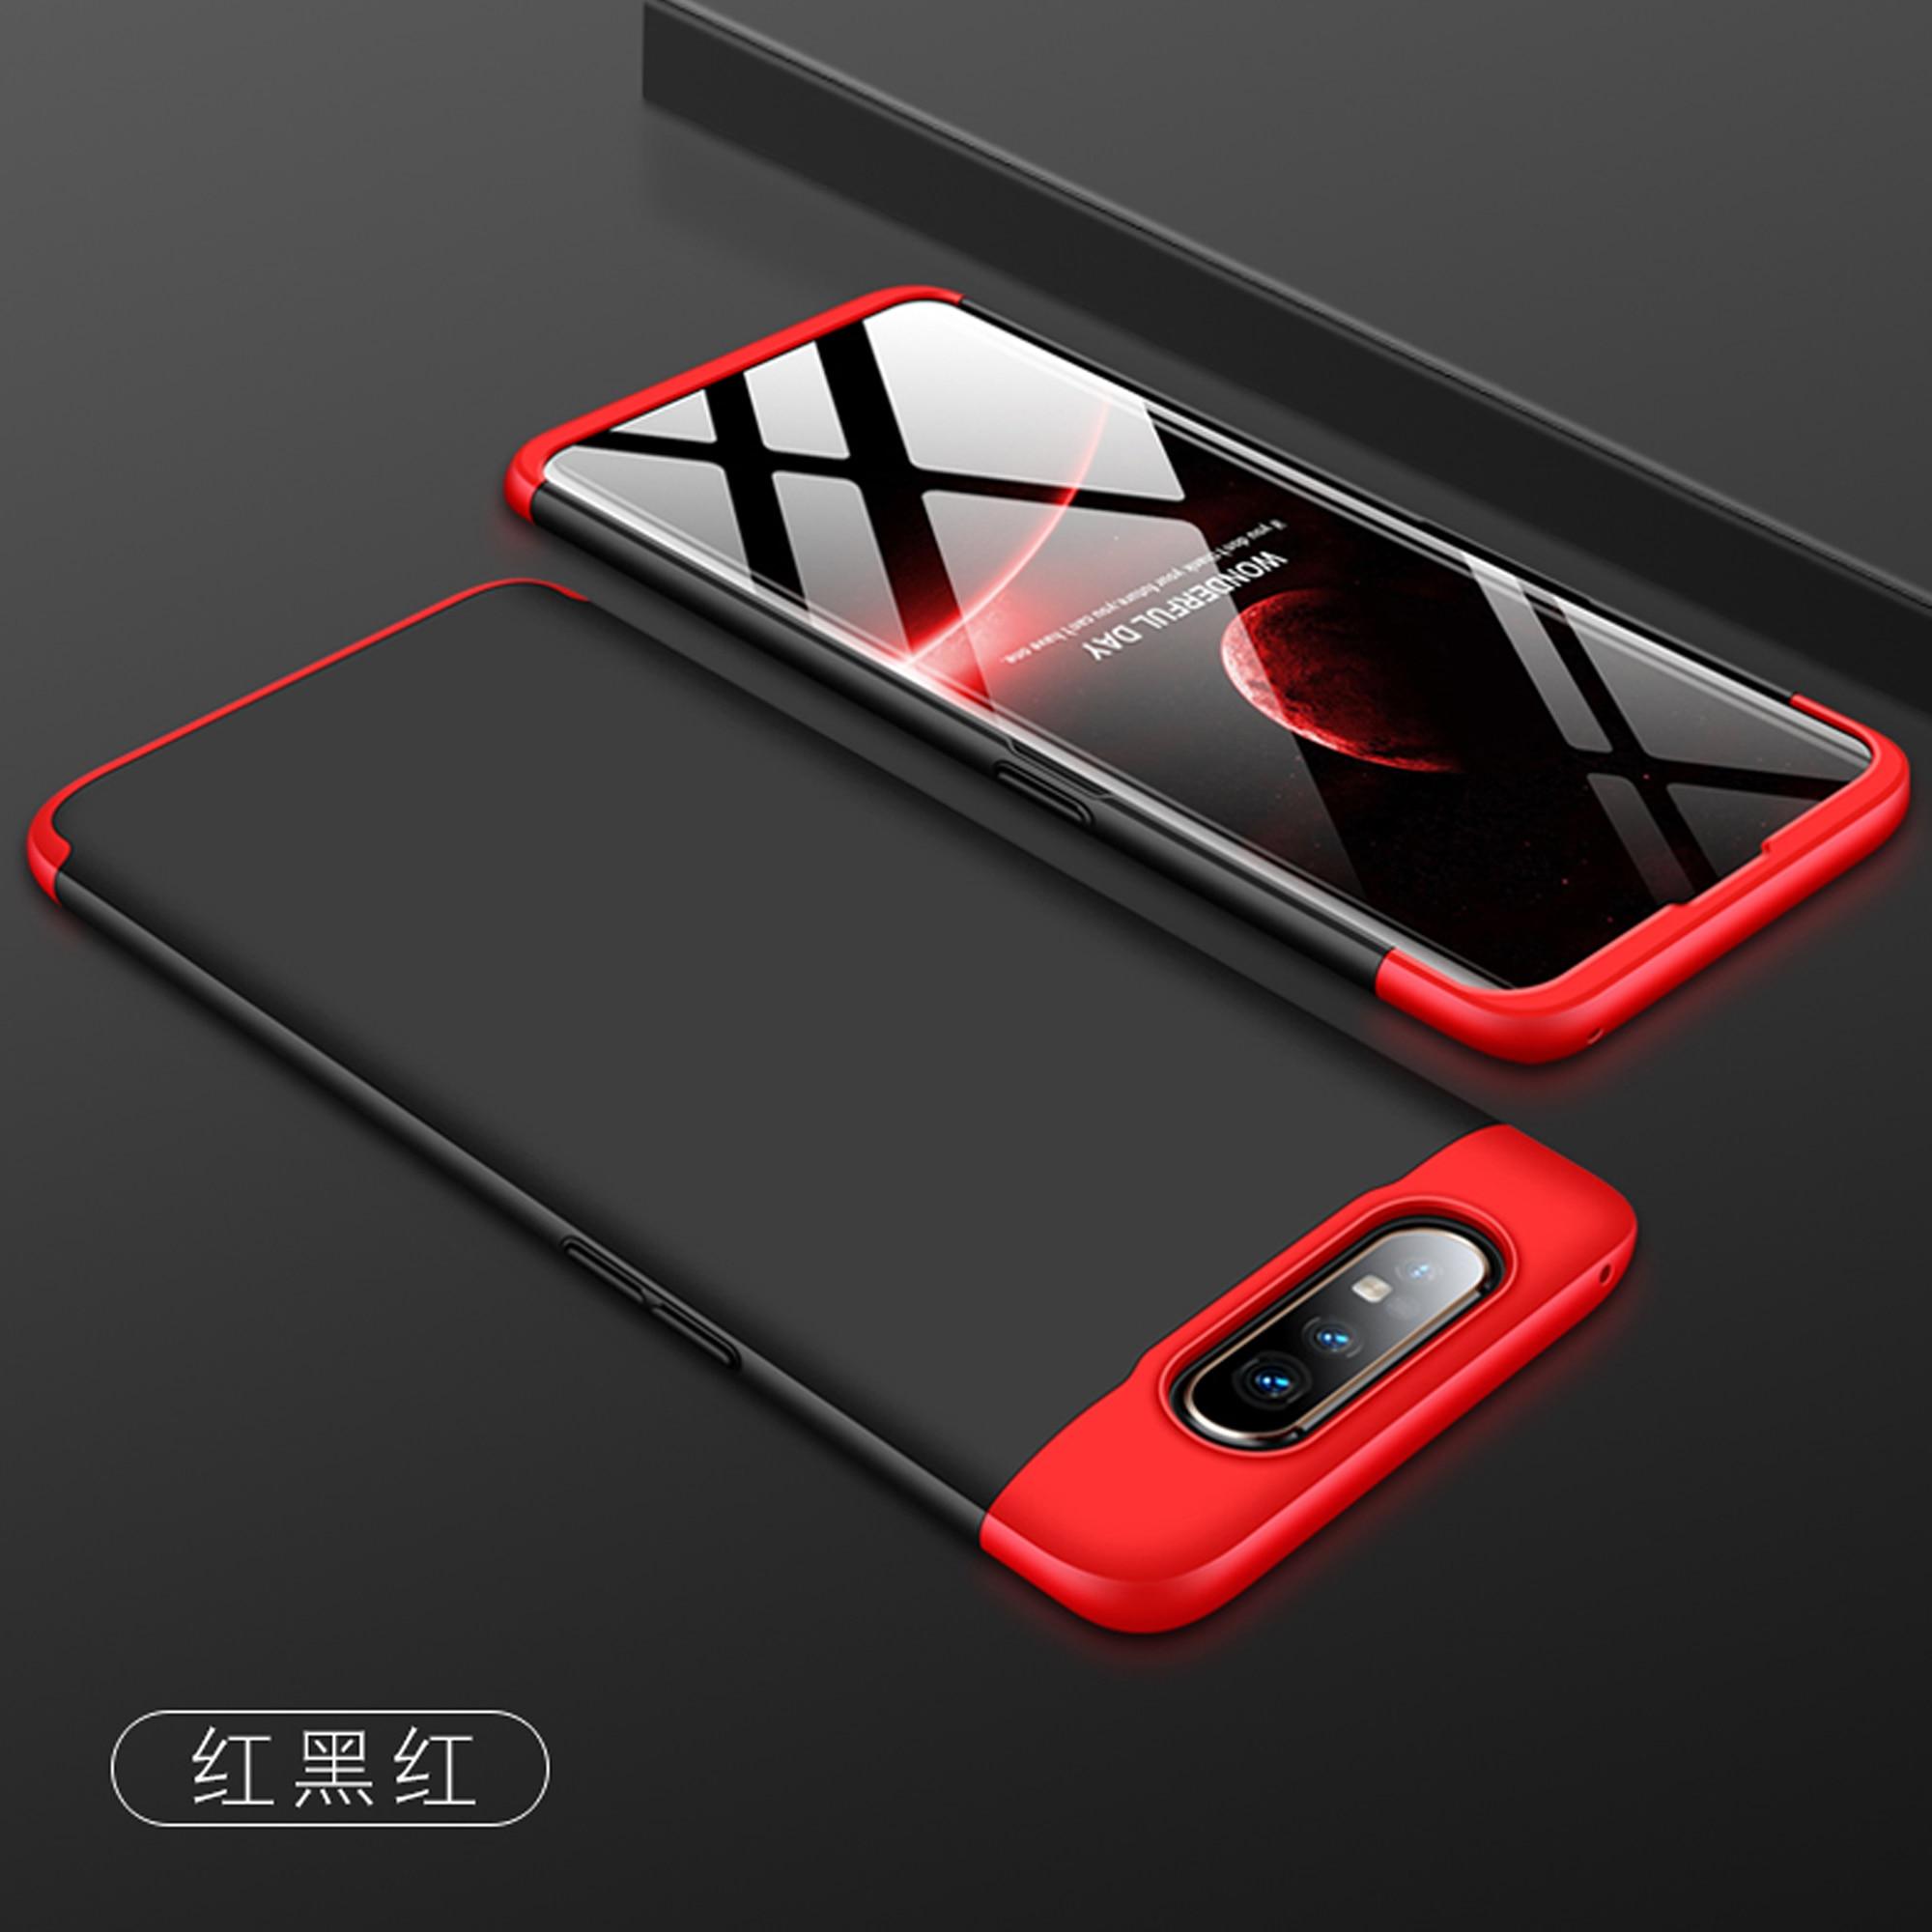 Чехол 3 в 1 360 для Samsung Galaxy A80 SM-A805F A805 A805F Чехлы Coque 360 градусов Твердый чехол для Samsung A90 полностью задняя крышка